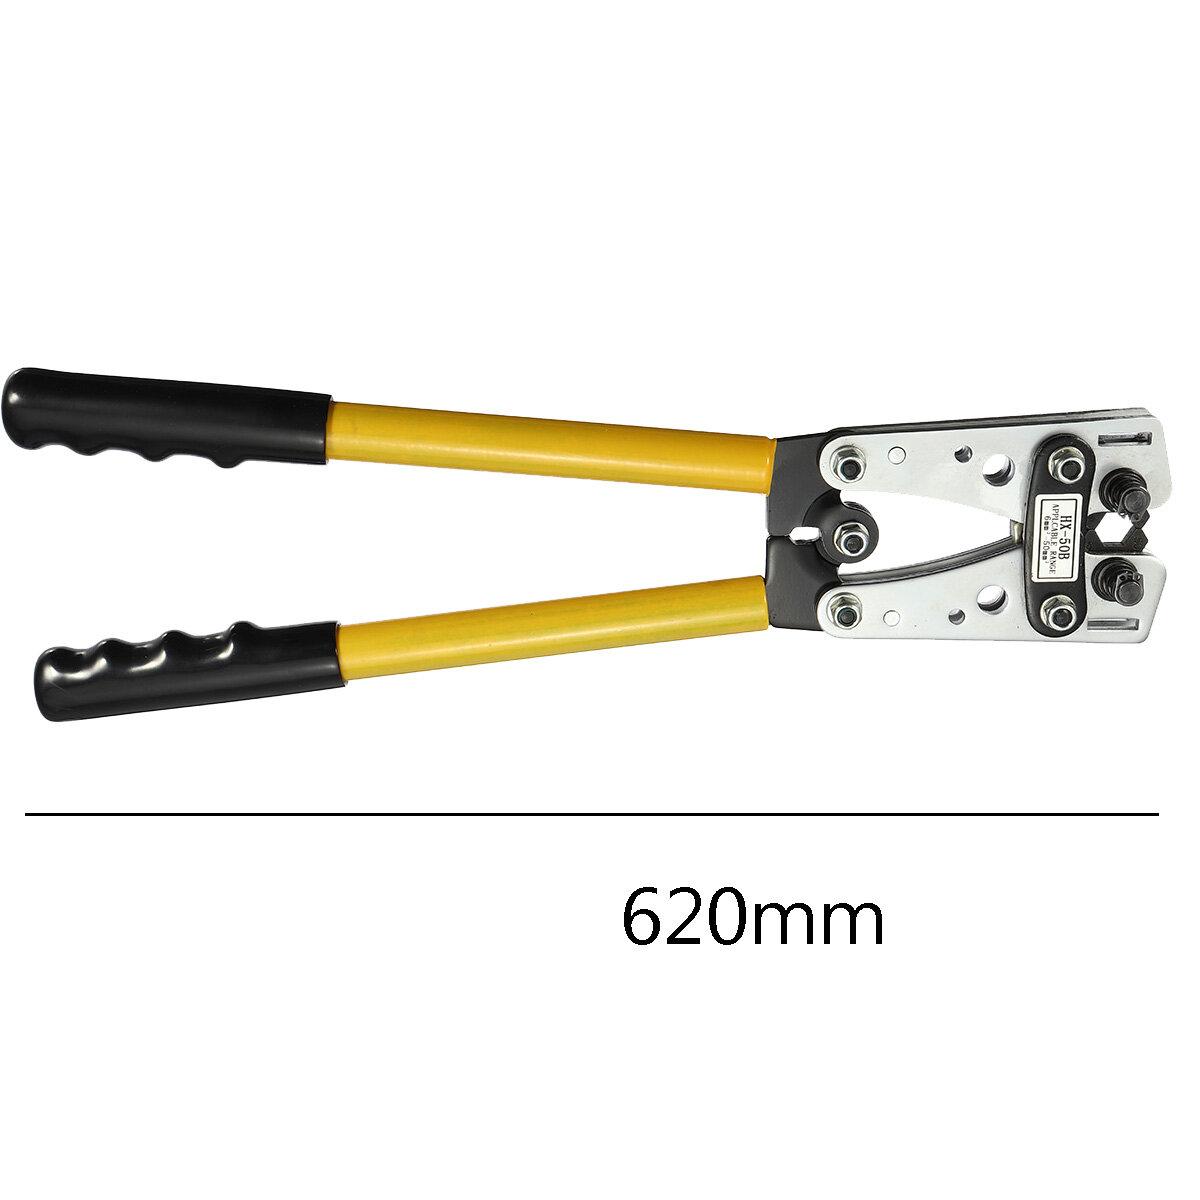 IWD-16 Crimper Harlley Cater Piller Hand Tool For Deutsch Connector Deutsch DT,DTM,DTP Terminal W2 Pliers 18/16/14 AWGl - 7